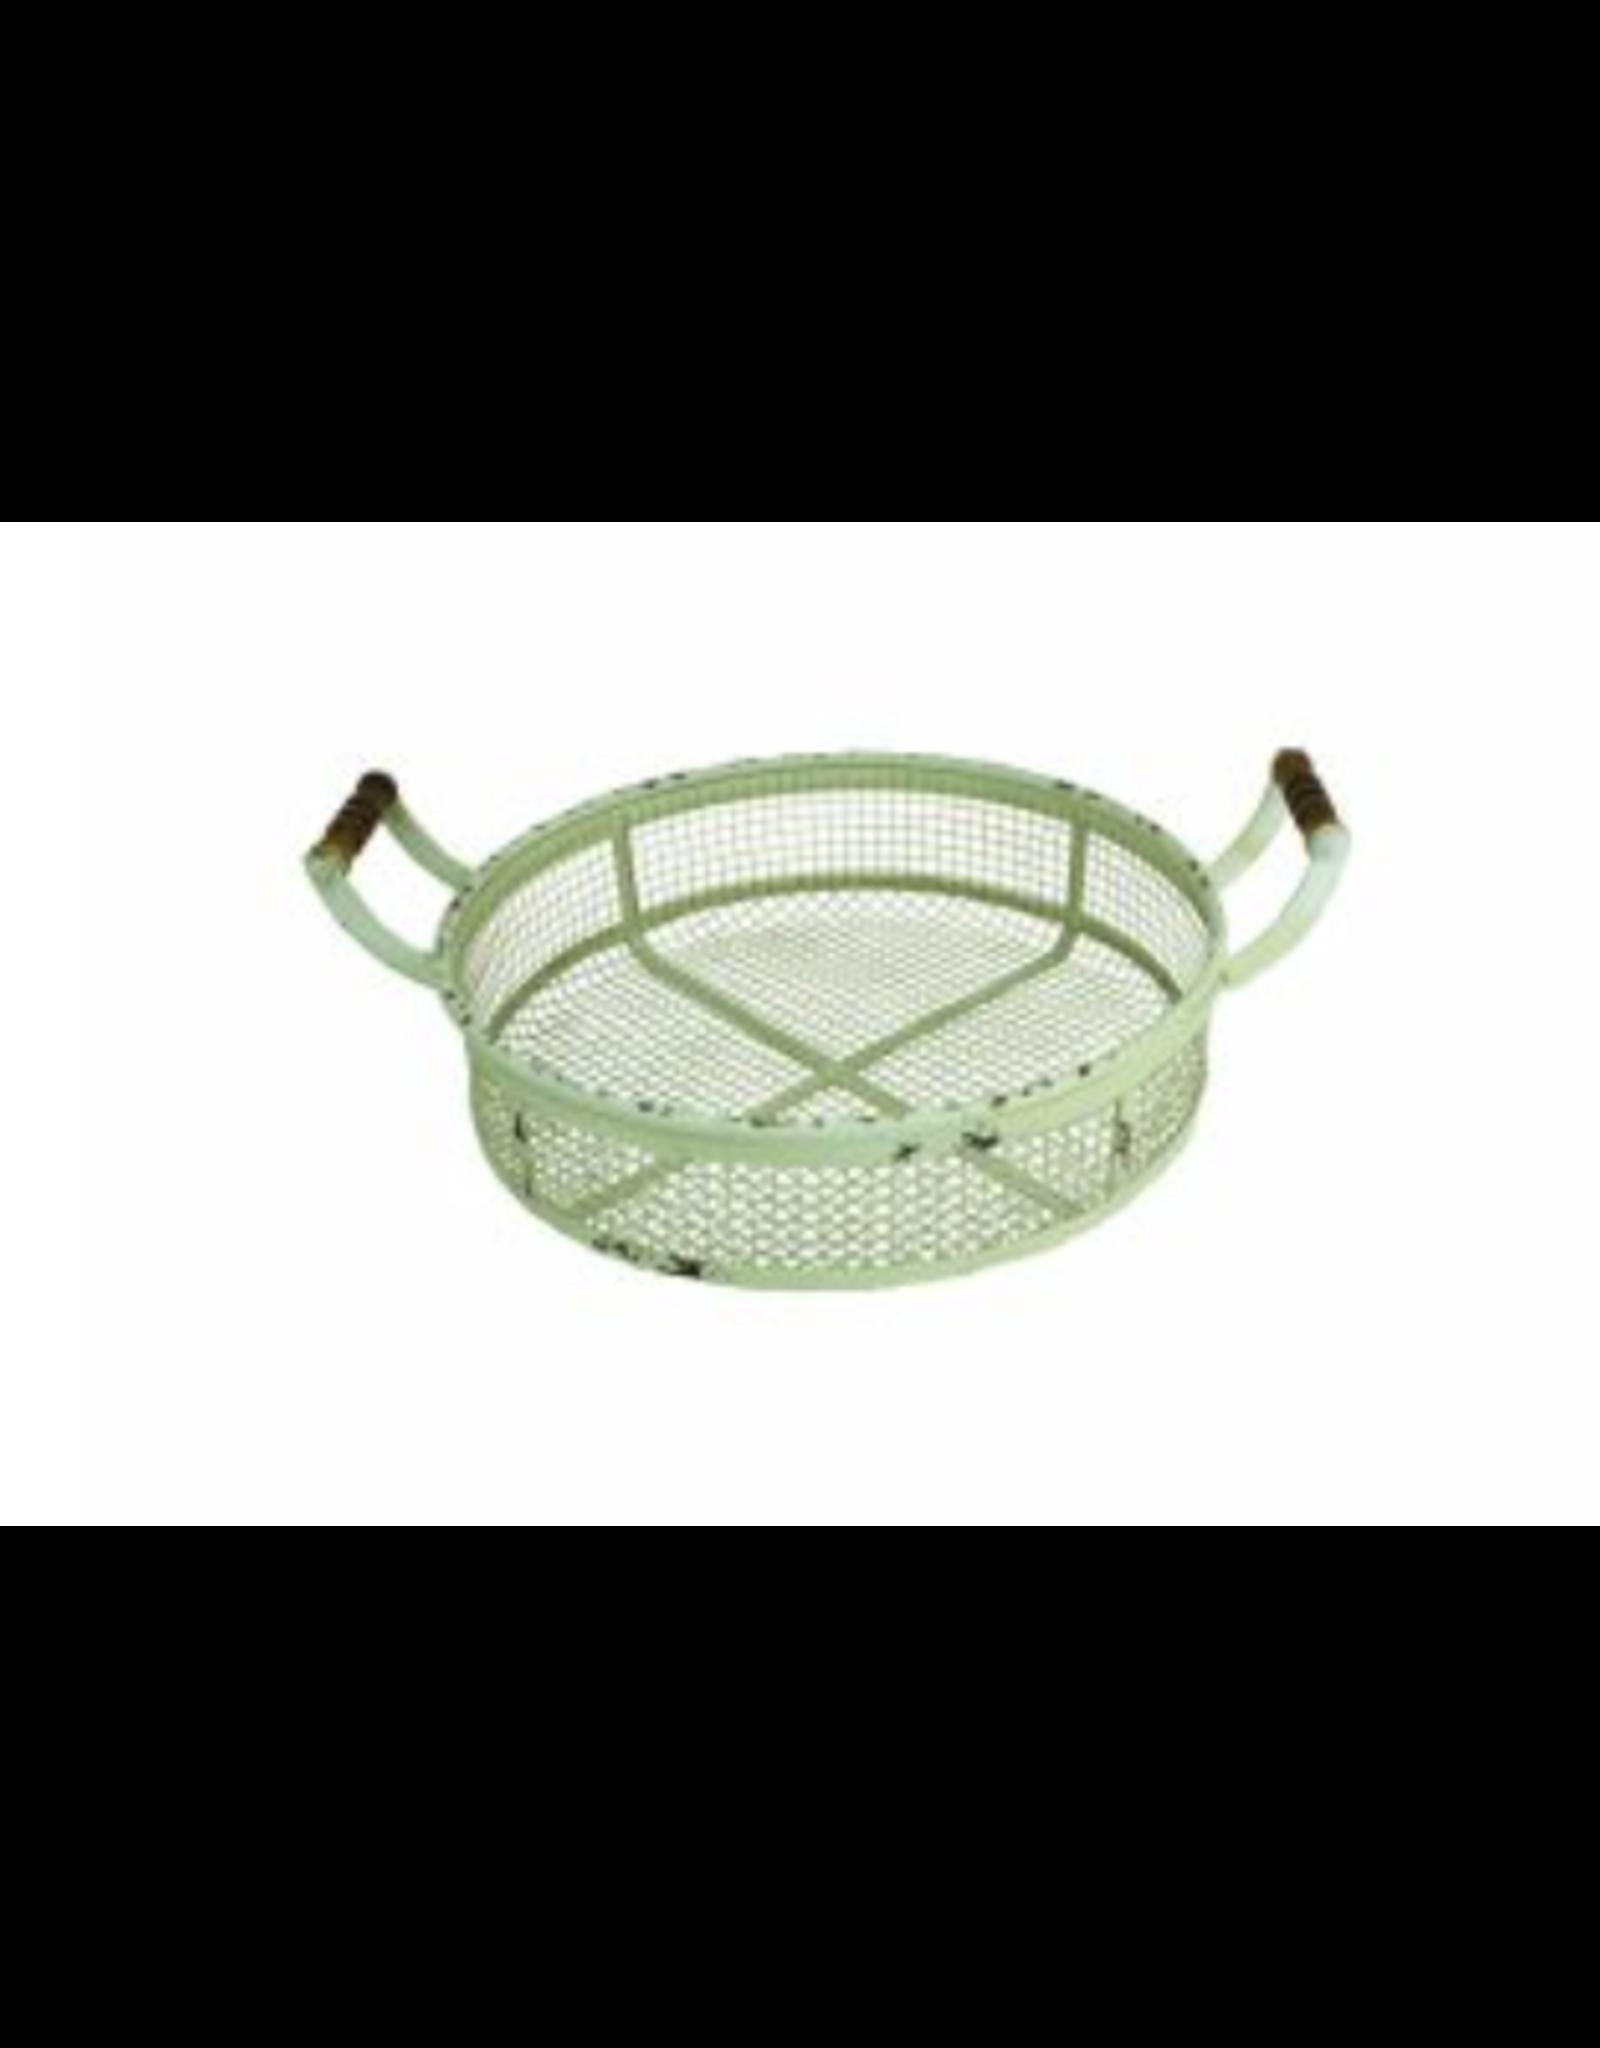 Upper Deck Medium Circular Metal Basket